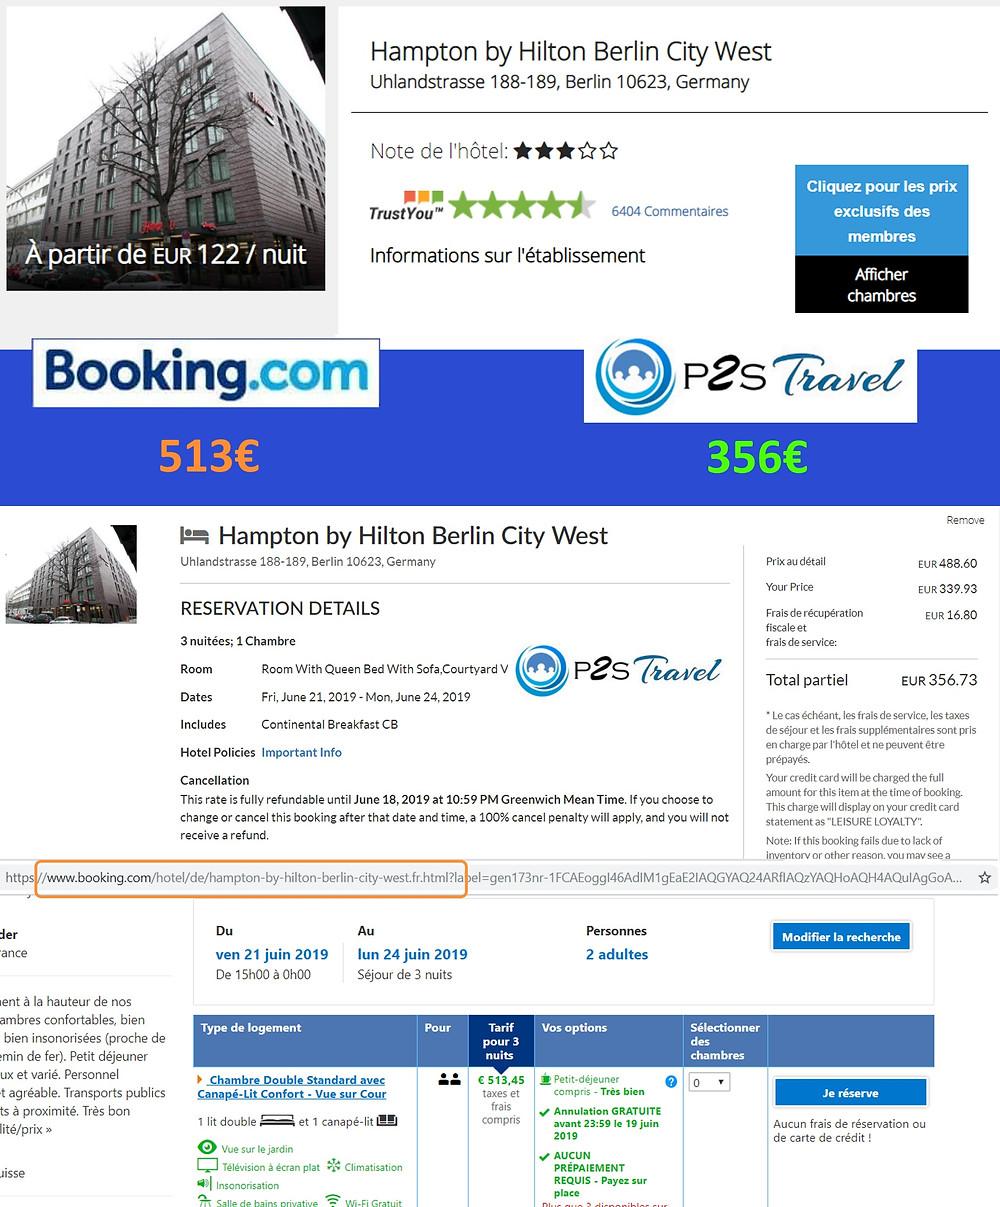 Hampton by Hilton Berlin à Berlin / Allemagne - 1 chambre 3 nuits 2 adultes Tarif sur Booking 513€ - même chose sur P2S Travel 356€ soit 157€ d'économies en réservant sur le site réservation P2S Travel